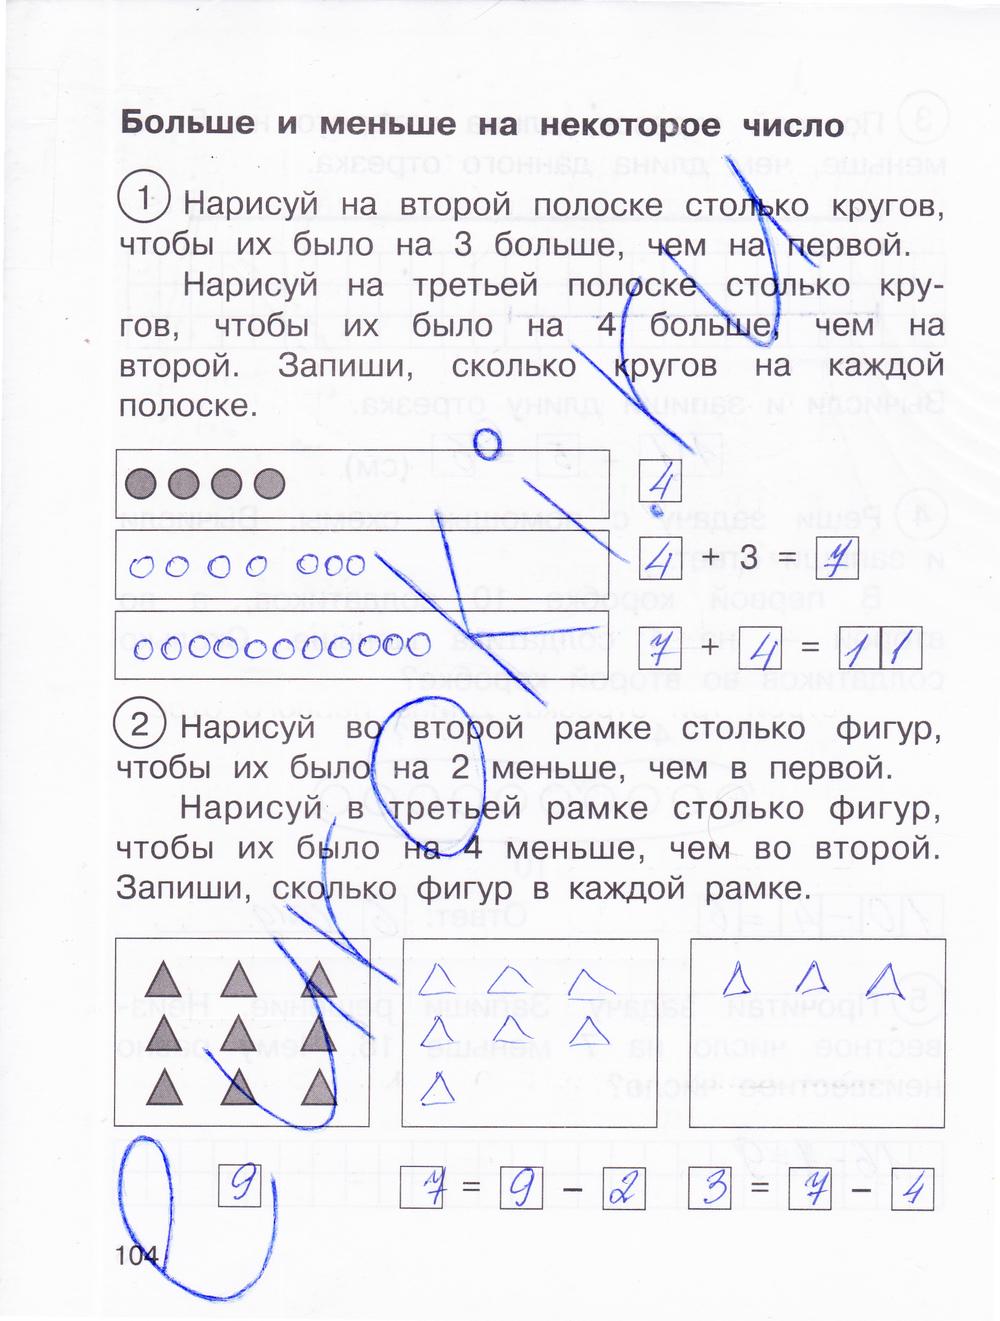 Гдз Математика 2 Класс Часть 1 Рабочая Тетрадь Захарова О.а И Юдина